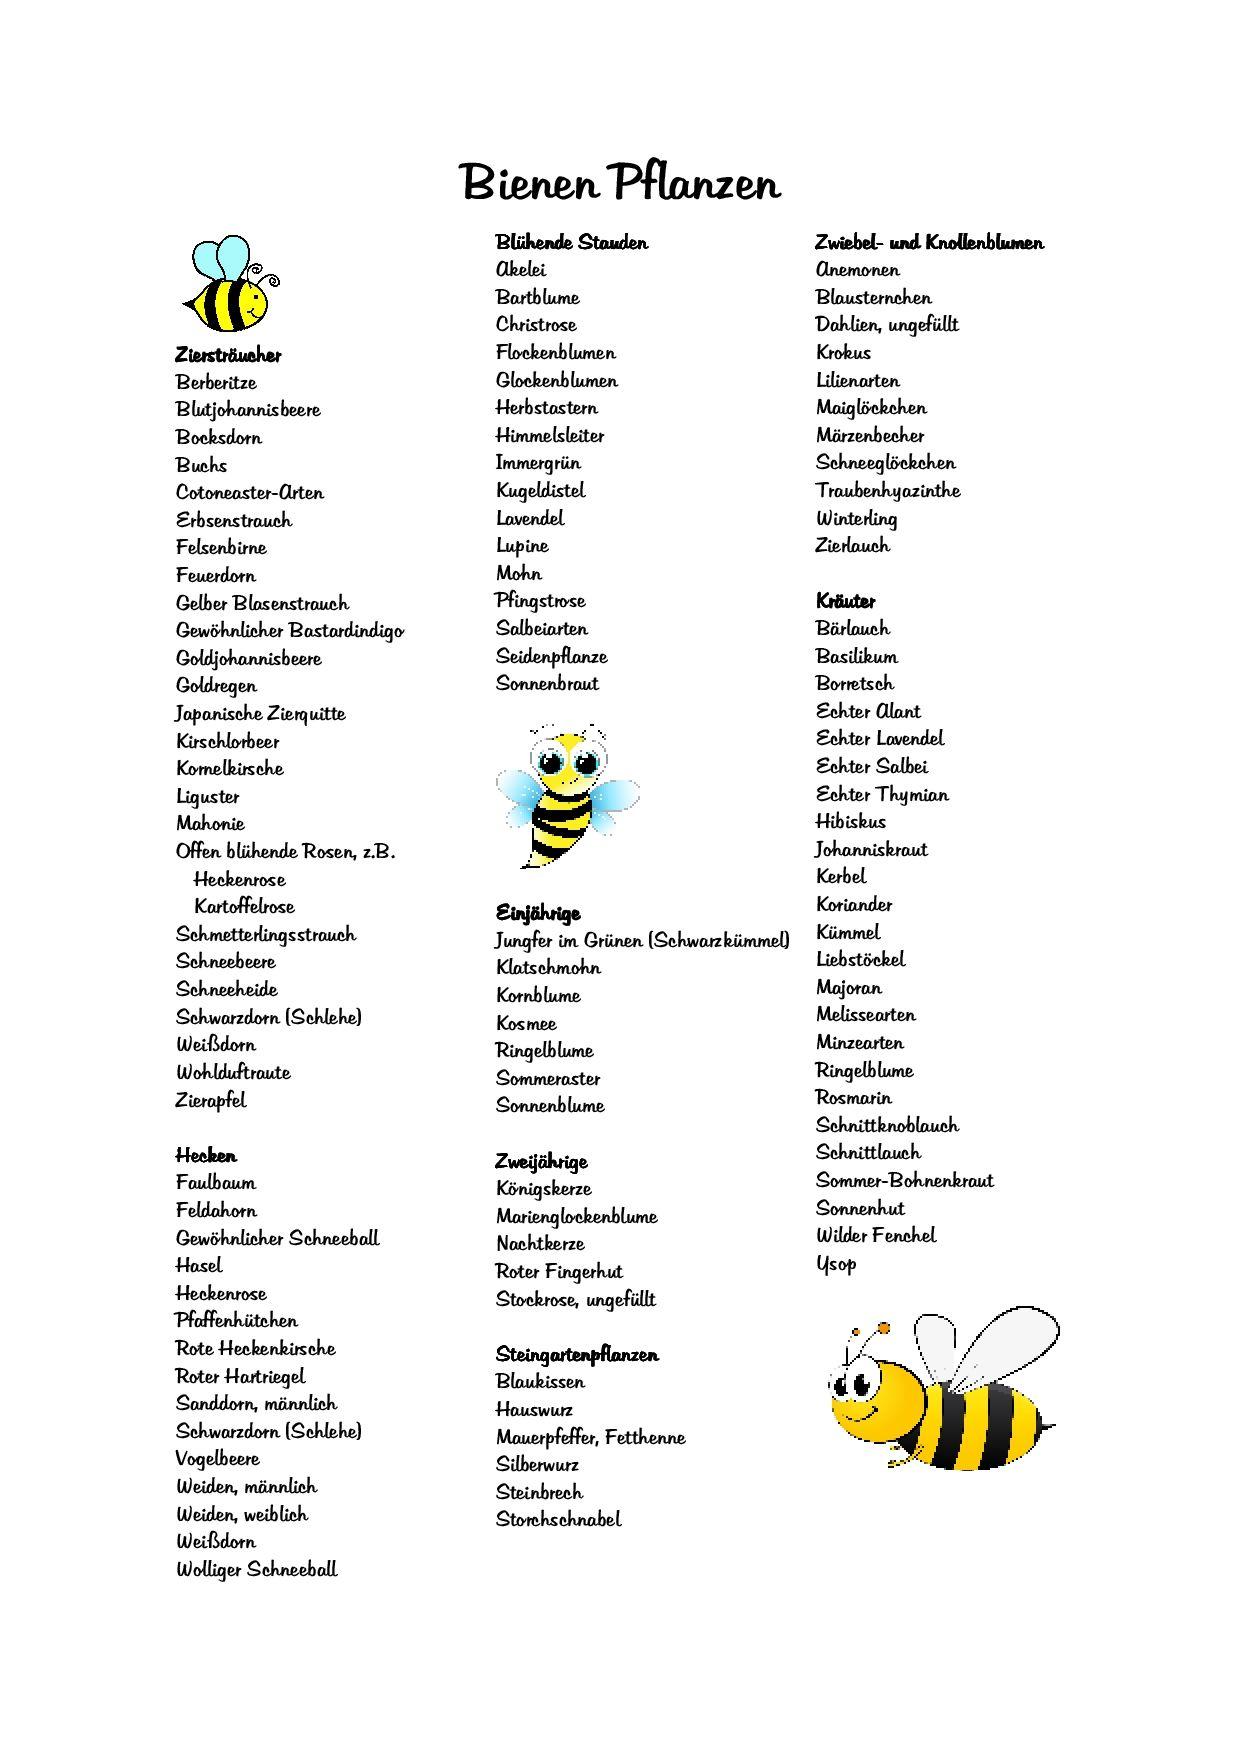 Bienen Pflanzen Bienenweide Plants For Bees Bee Meadow Save The